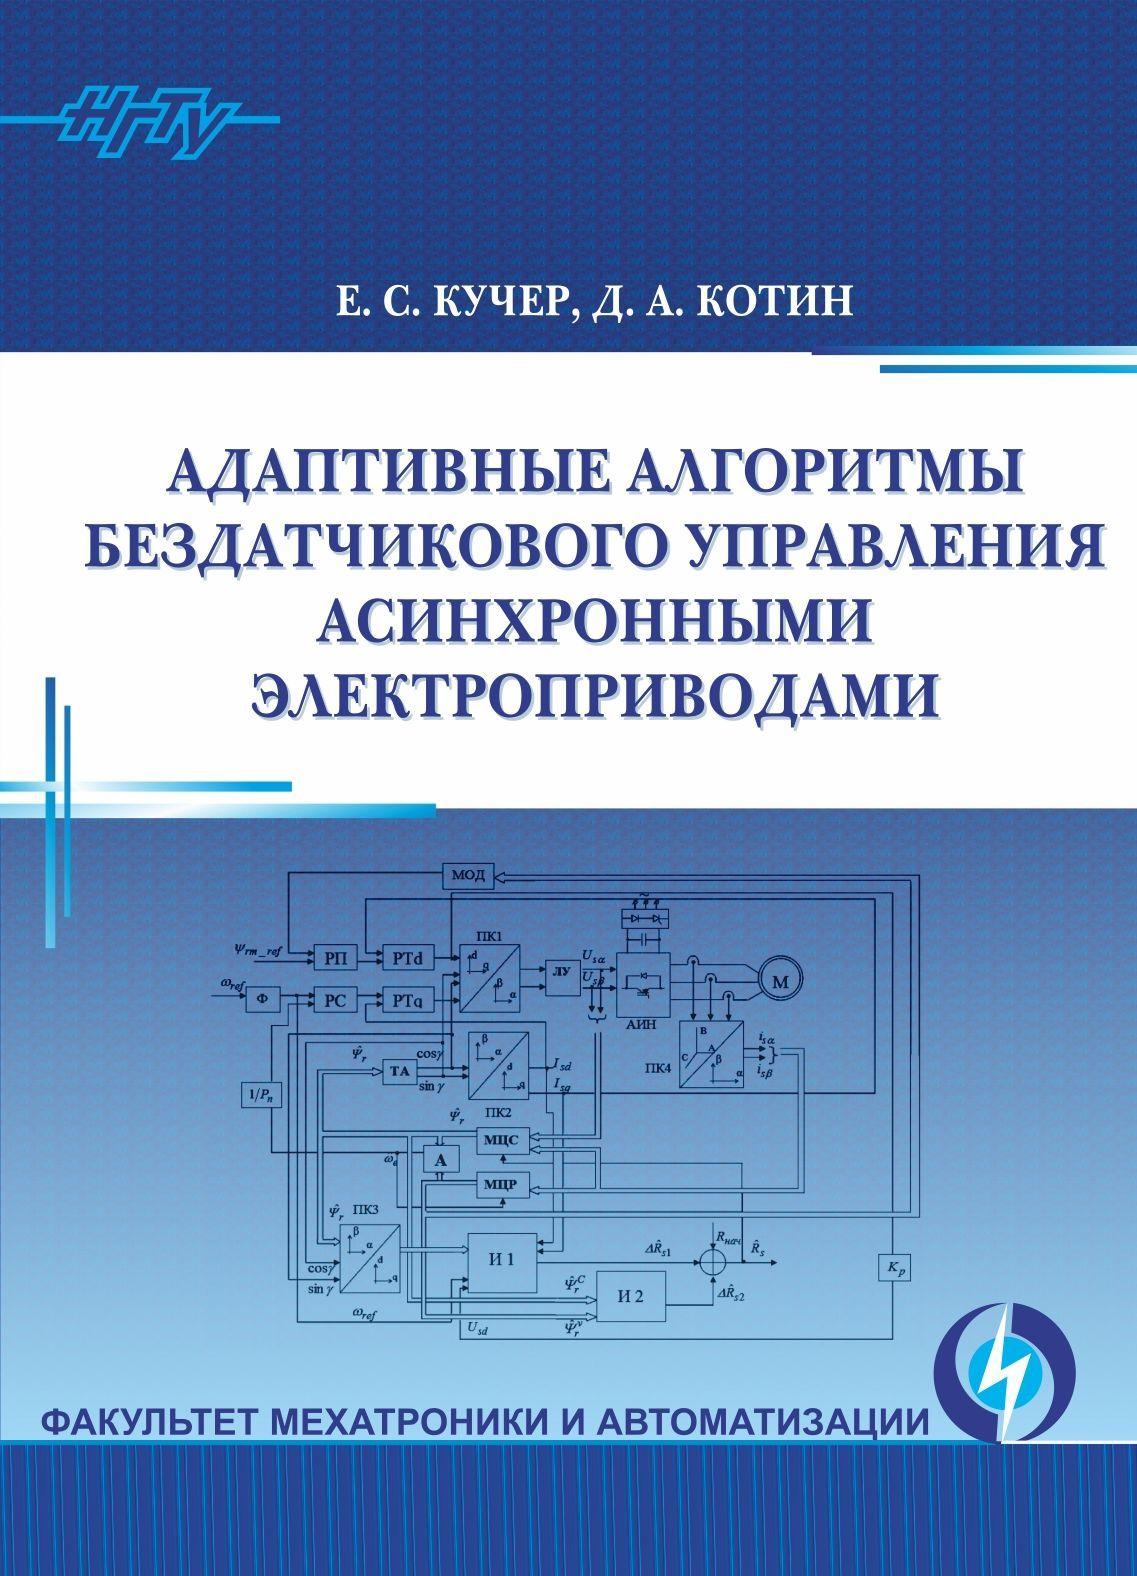 Денис Котин Адаптивные алгоритмы бездатчикового управления асинхронными электроприводами